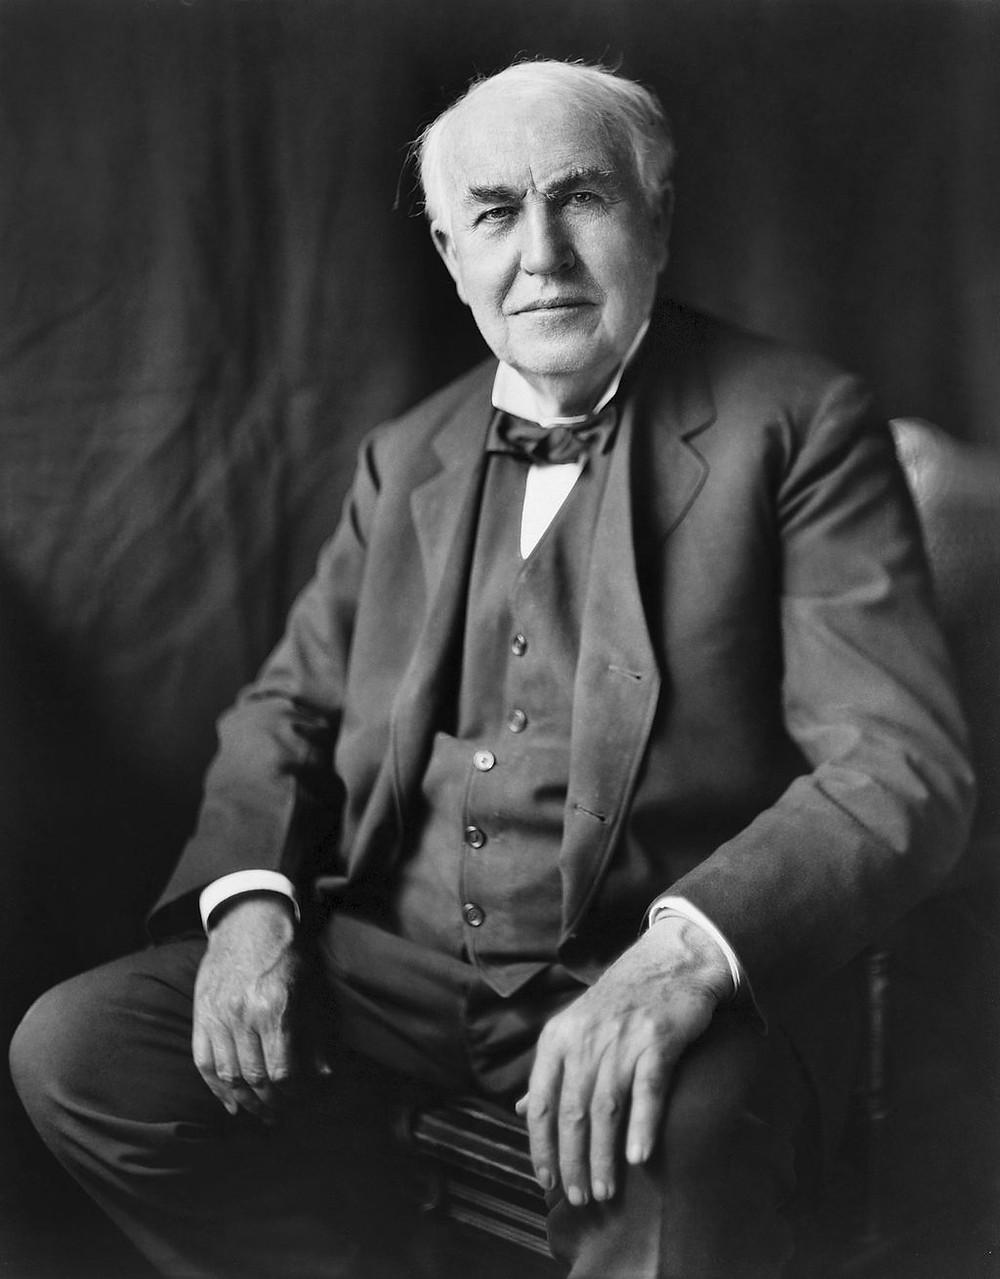 愛迪生的照片(約1922年)